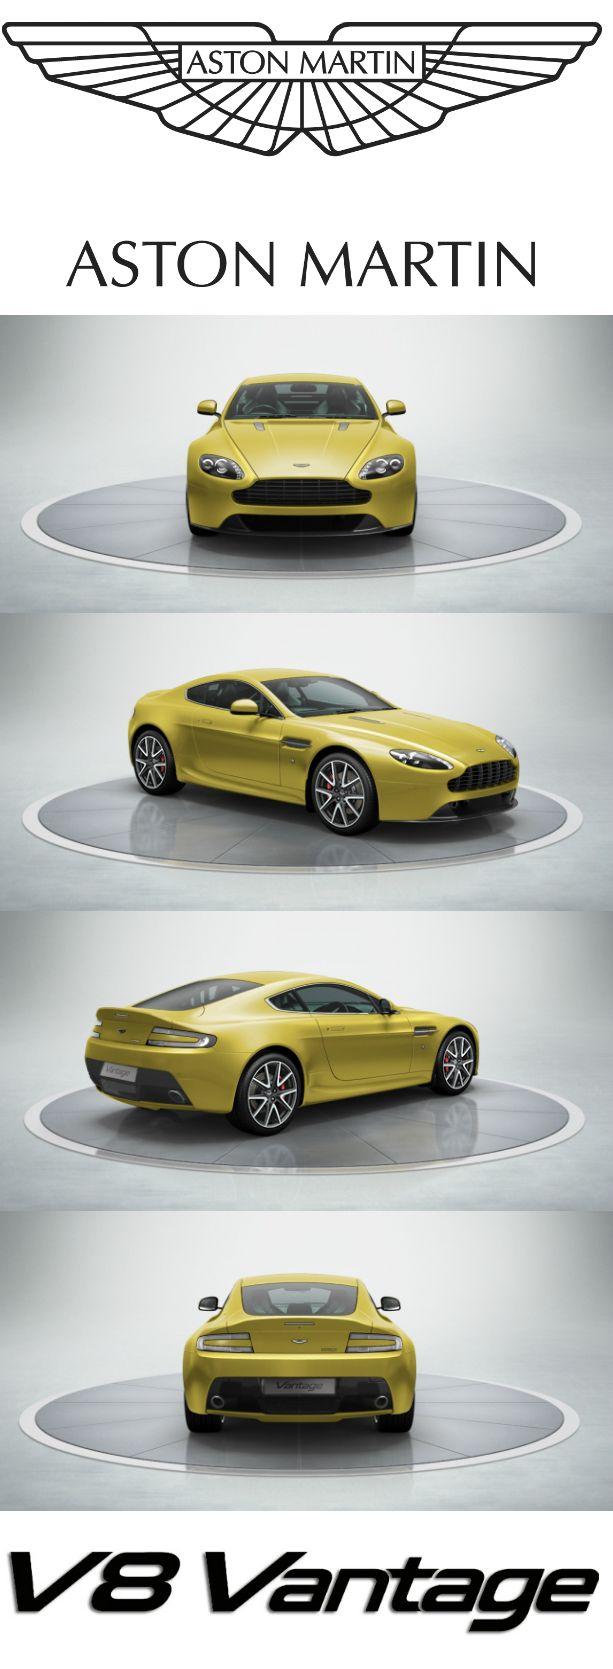 Build Configure Car Configurator Aston Martin Aston Martin Aston Martin Cars Aston Martin V8